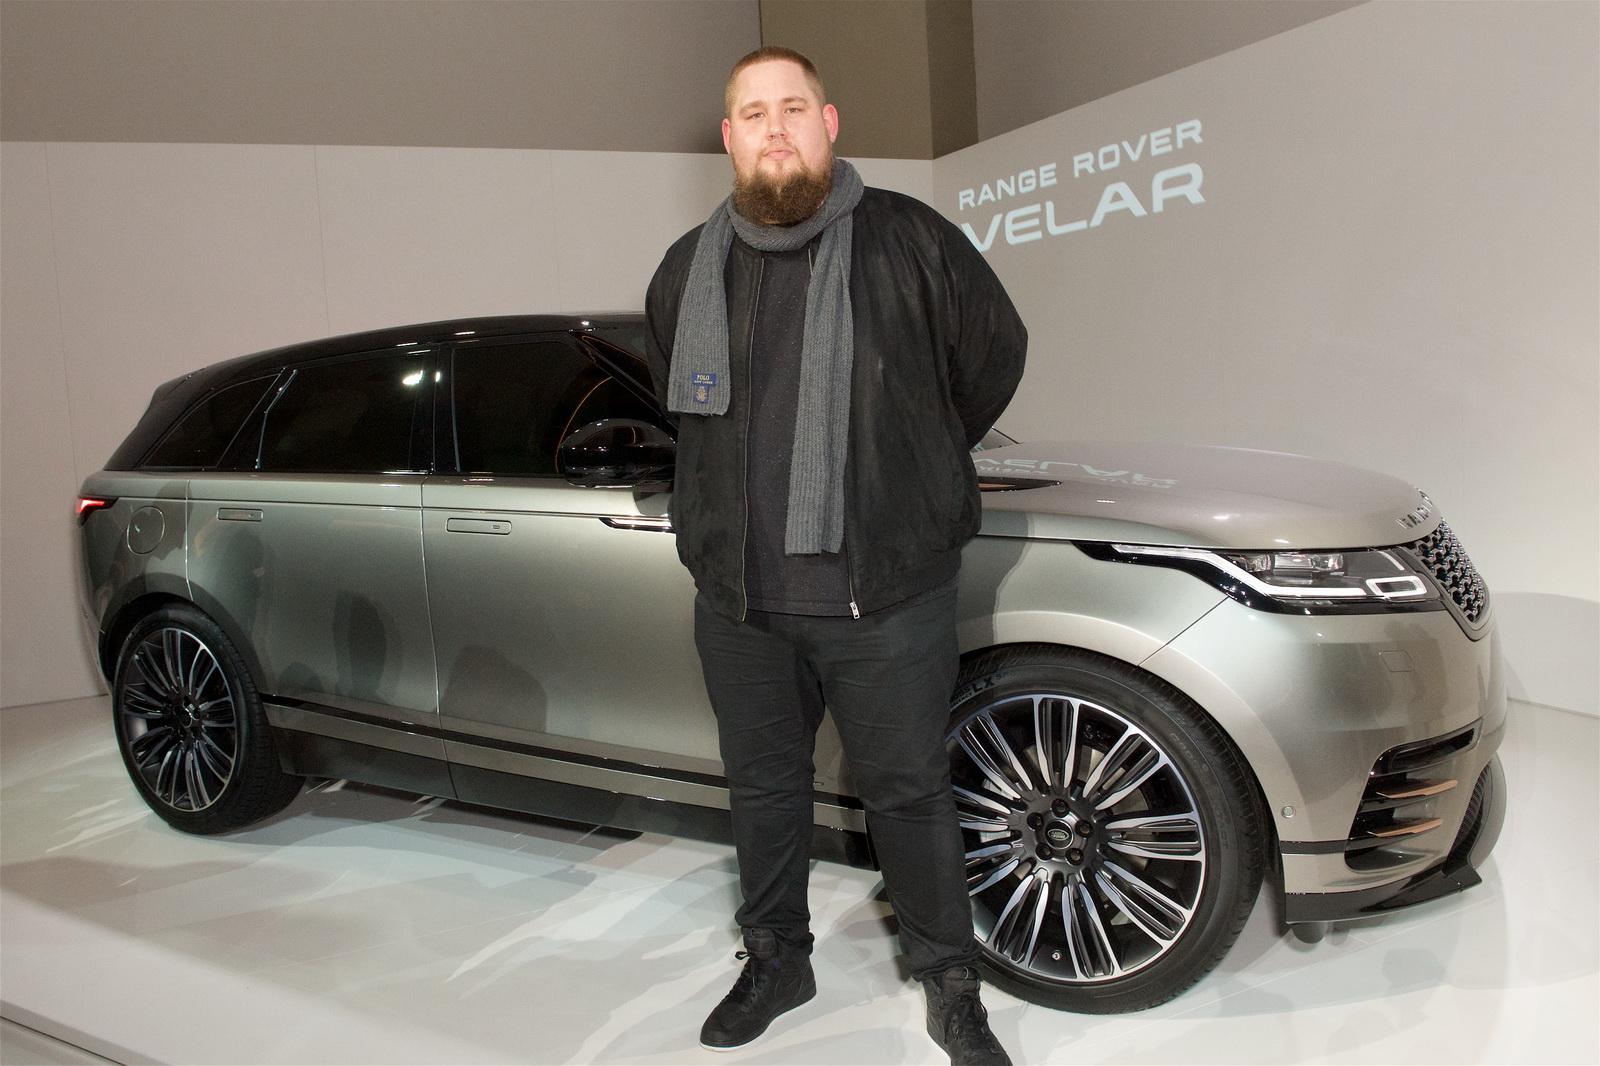 Range Rover Velar in Geneva 2017 (21)